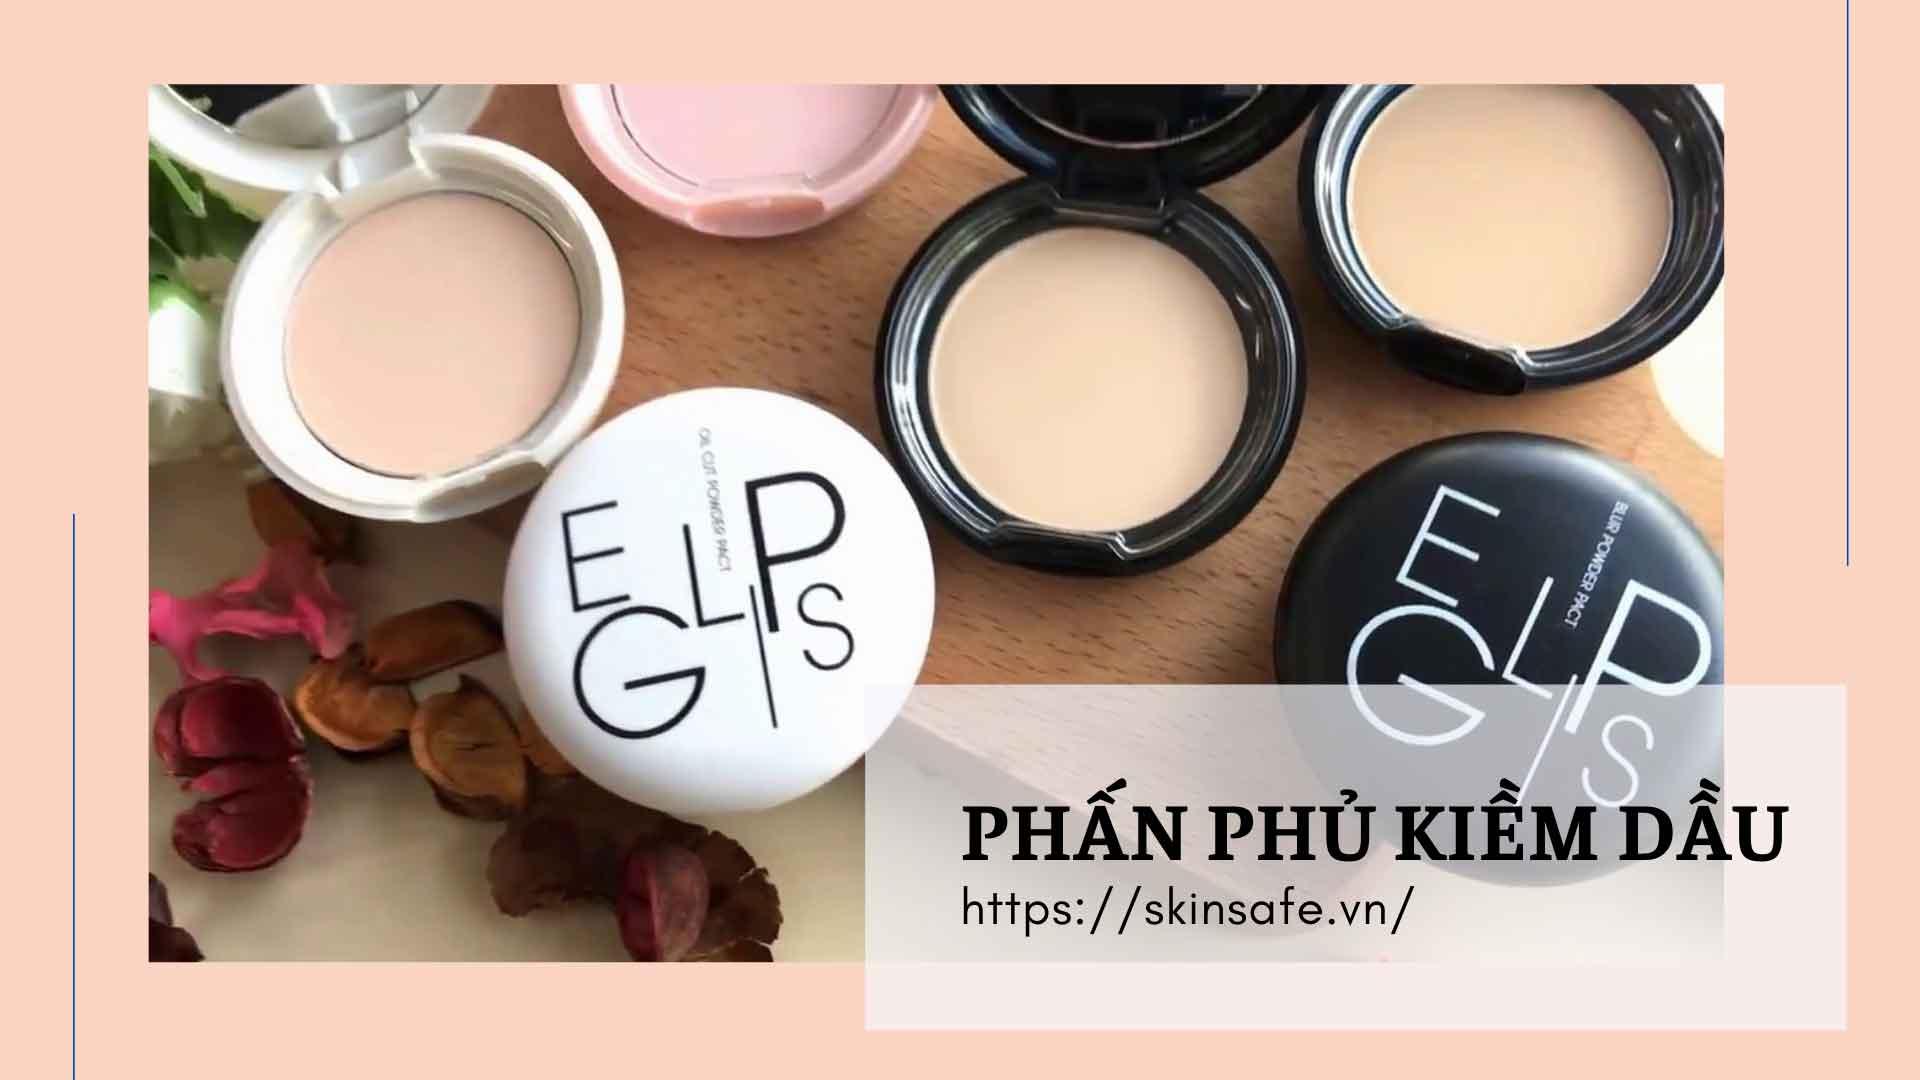 Top 12 phấn phủ kiềm dầu tốt đánh bay mọi nỗi lo khi make-up